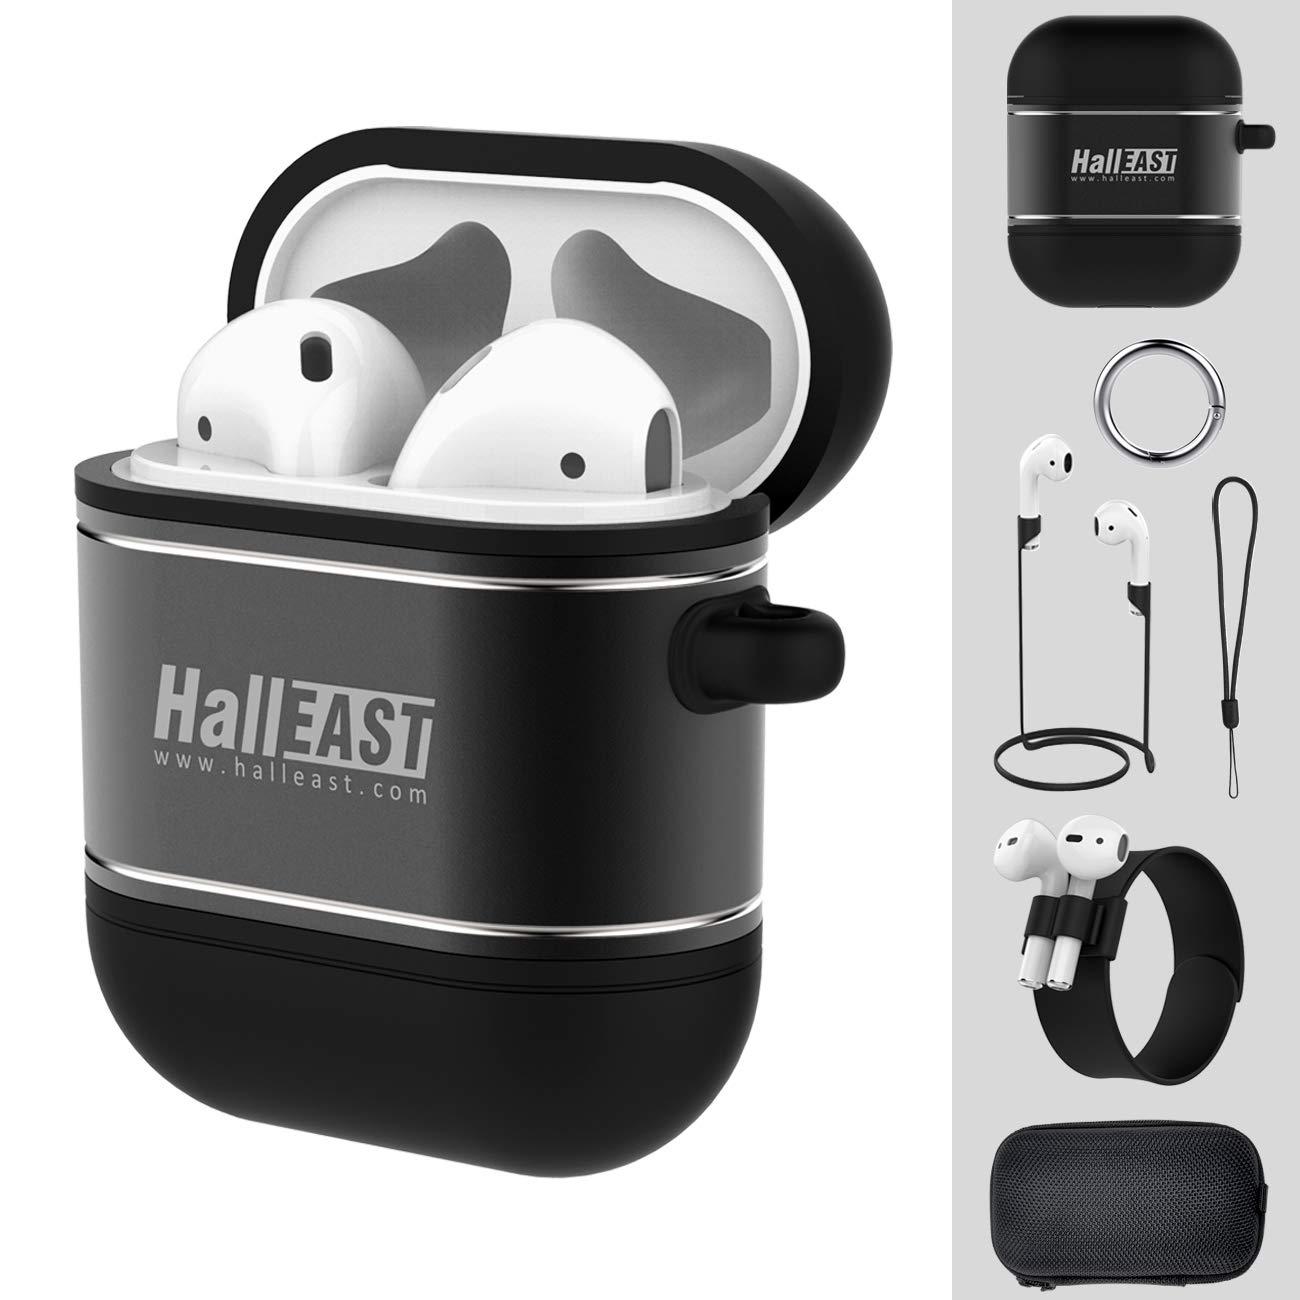 HALLEAST AirPodsケース 6イン1 AirPodsアクセサリーキット 保護カバー スキンホルダー シリコンメタル Apple Airpod用充電ケース キーチェーン/ストラップ/スラップブレスレット/ハードケース/ブラック B07PWLZMTP